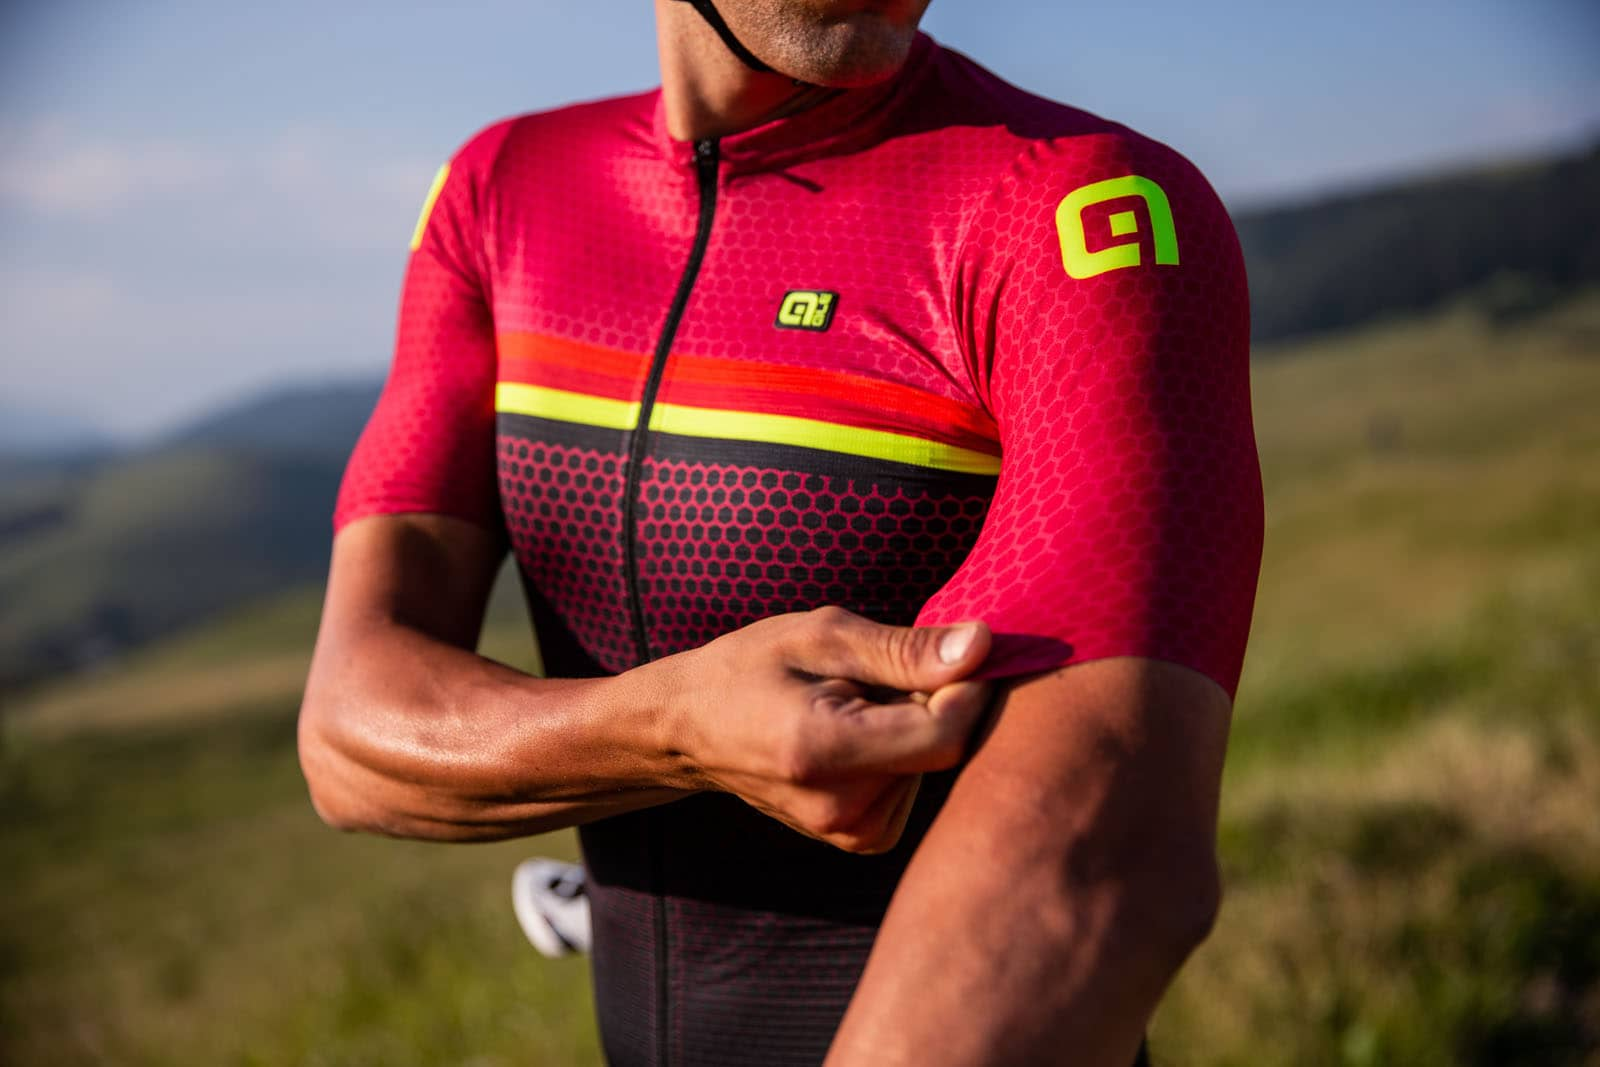 Jak vybrat cyklistický dres?